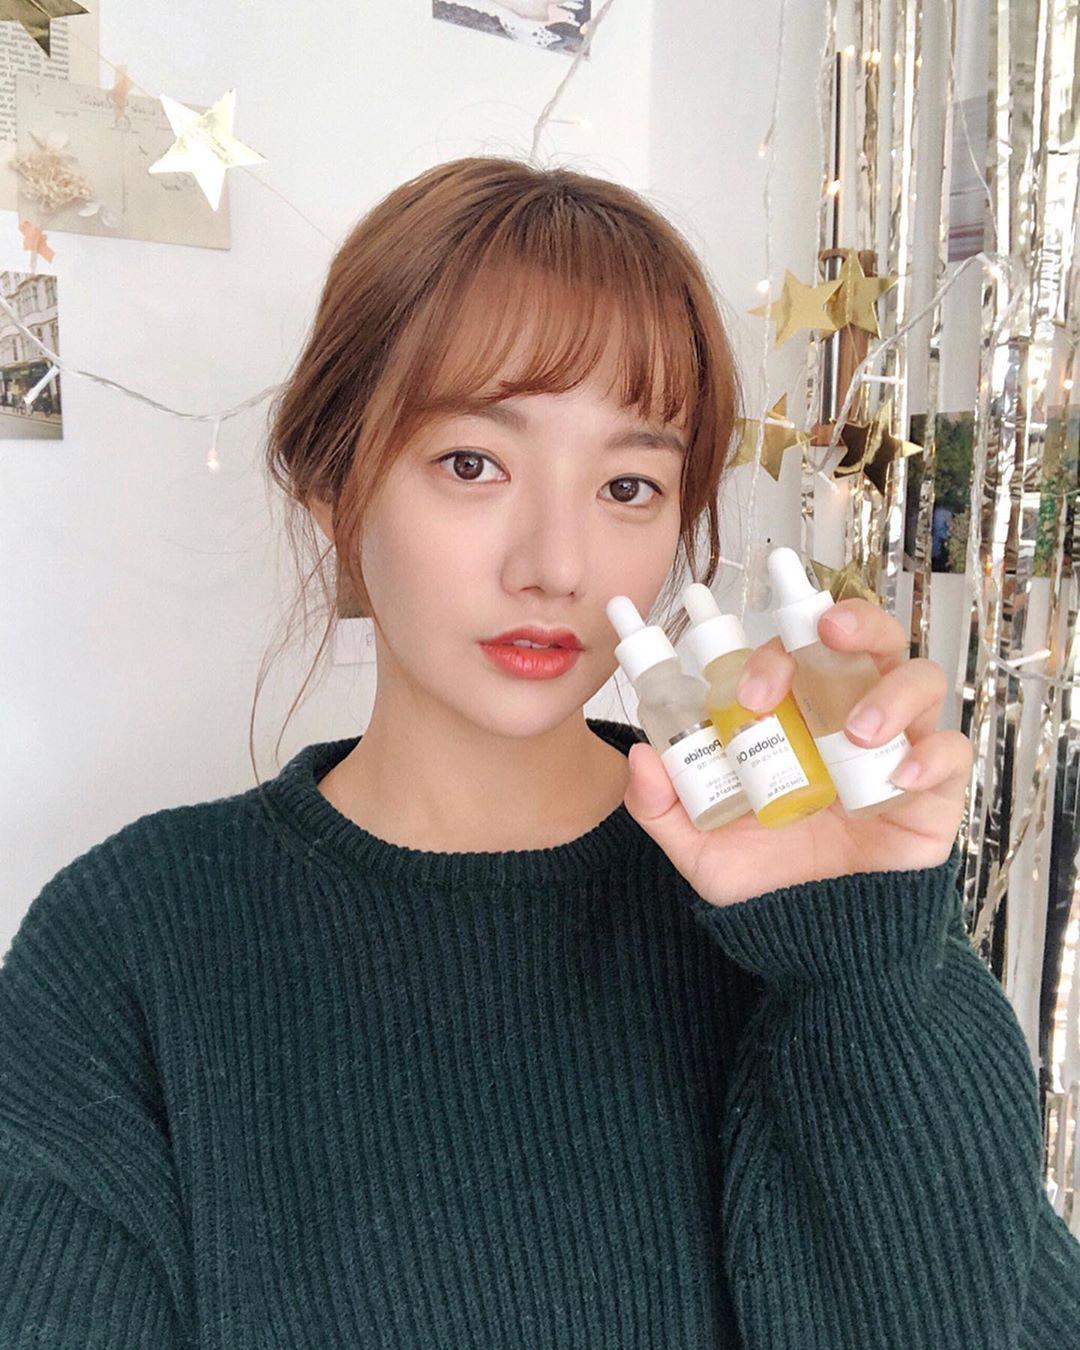 Từ giờ đến Tết, cứ học theo 6 tip dưỡng da từ chuyên gia Hàn Quốc thì da dẻ chỉ có đẹp xuất sắc - Ảnh 1.